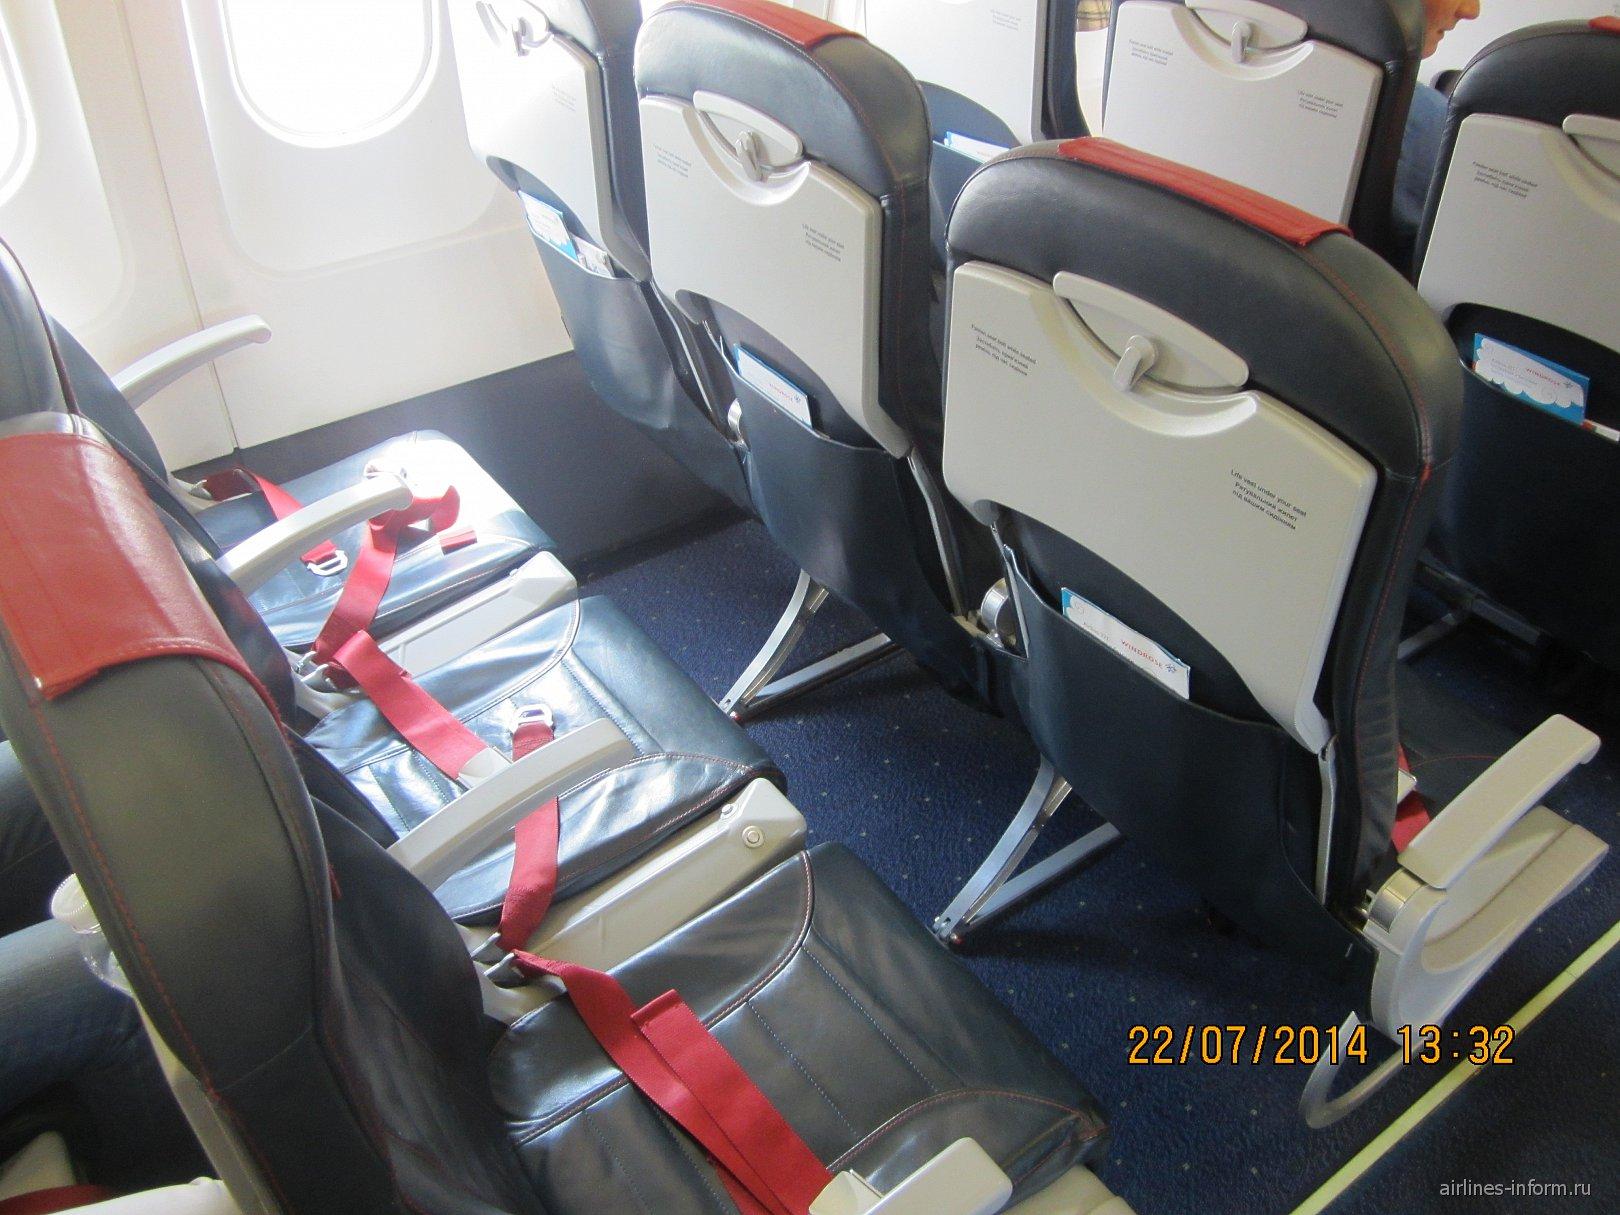 Пассажирские кресла в самолете Airbus A321 авиакомпании Windrose